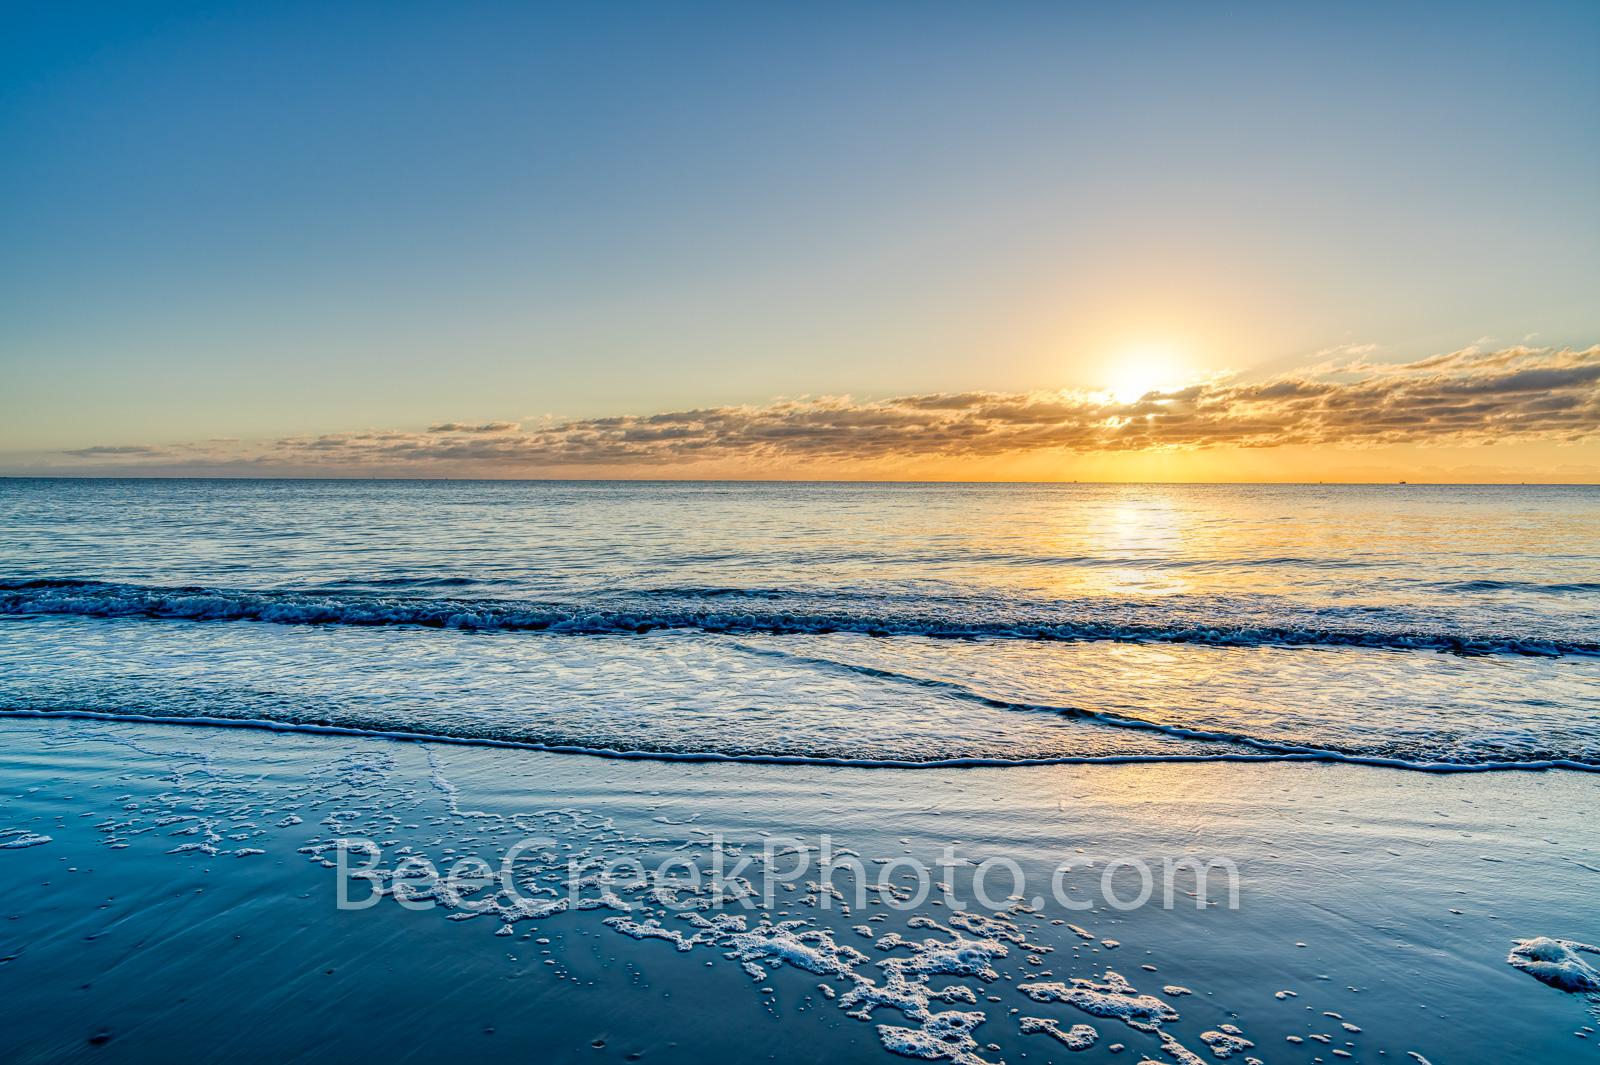 beach scene, seascape, sea and sand, golden glow, beach , ocean, waterscape, surf, tide, ocean scene, beach scenery, beach, beaches, georgia beach, alantic ocean,  beach sunrise, blue water, georgia c, photo